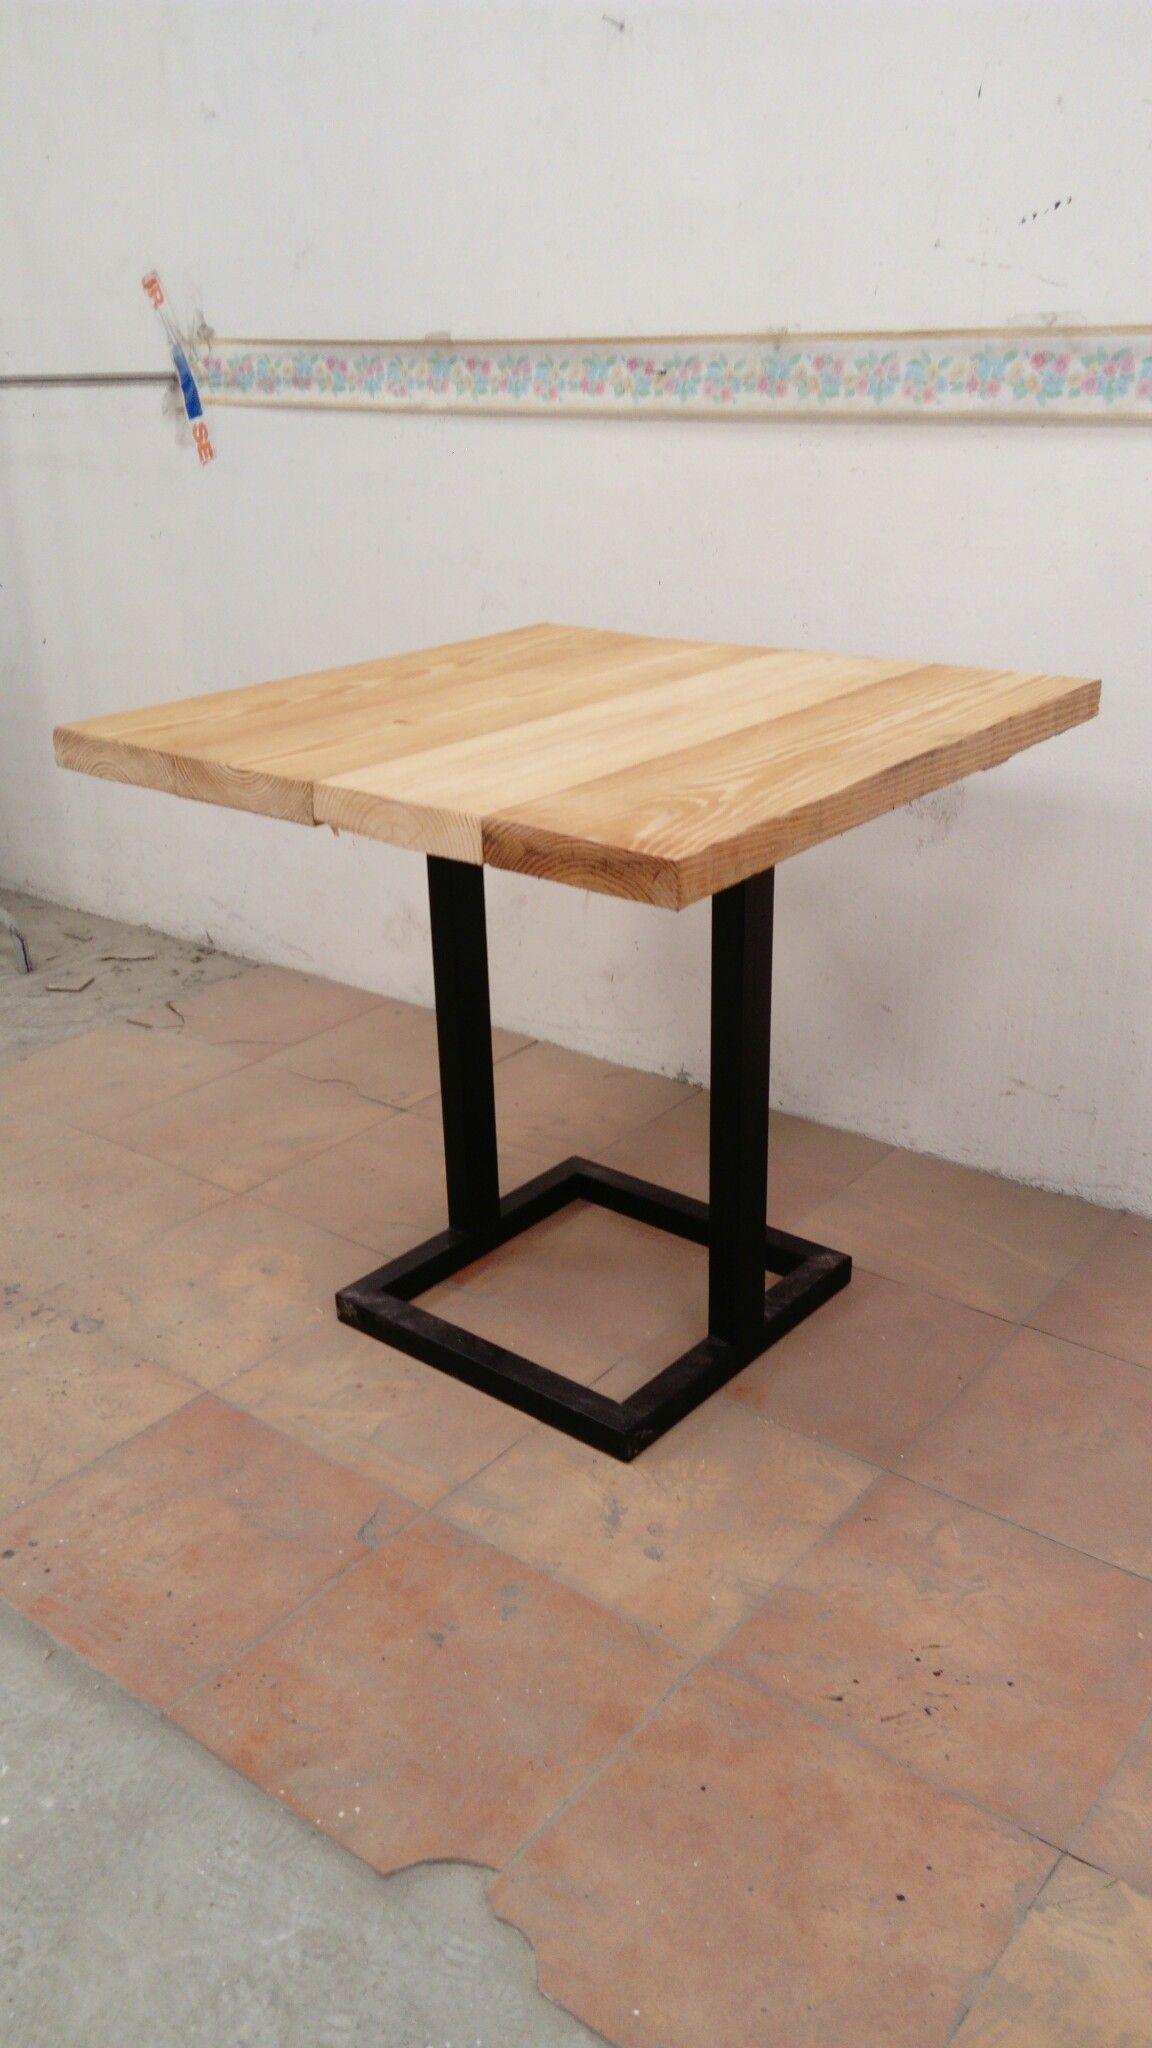 Mesa de madera y forja medidas 80x80 x75cm para bar, restaurante y ...